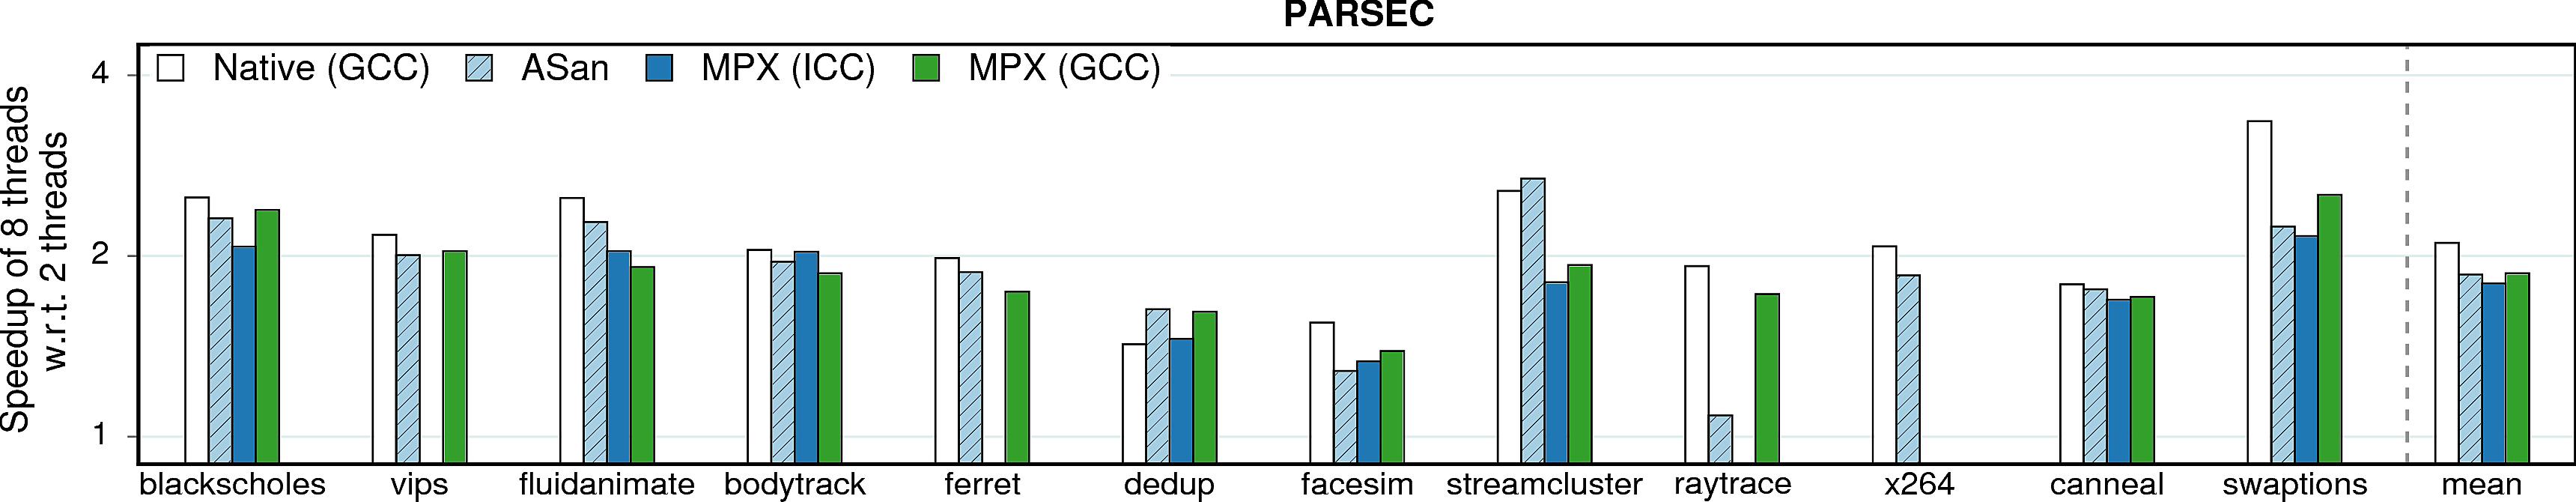 Multithreading (PARSEC)